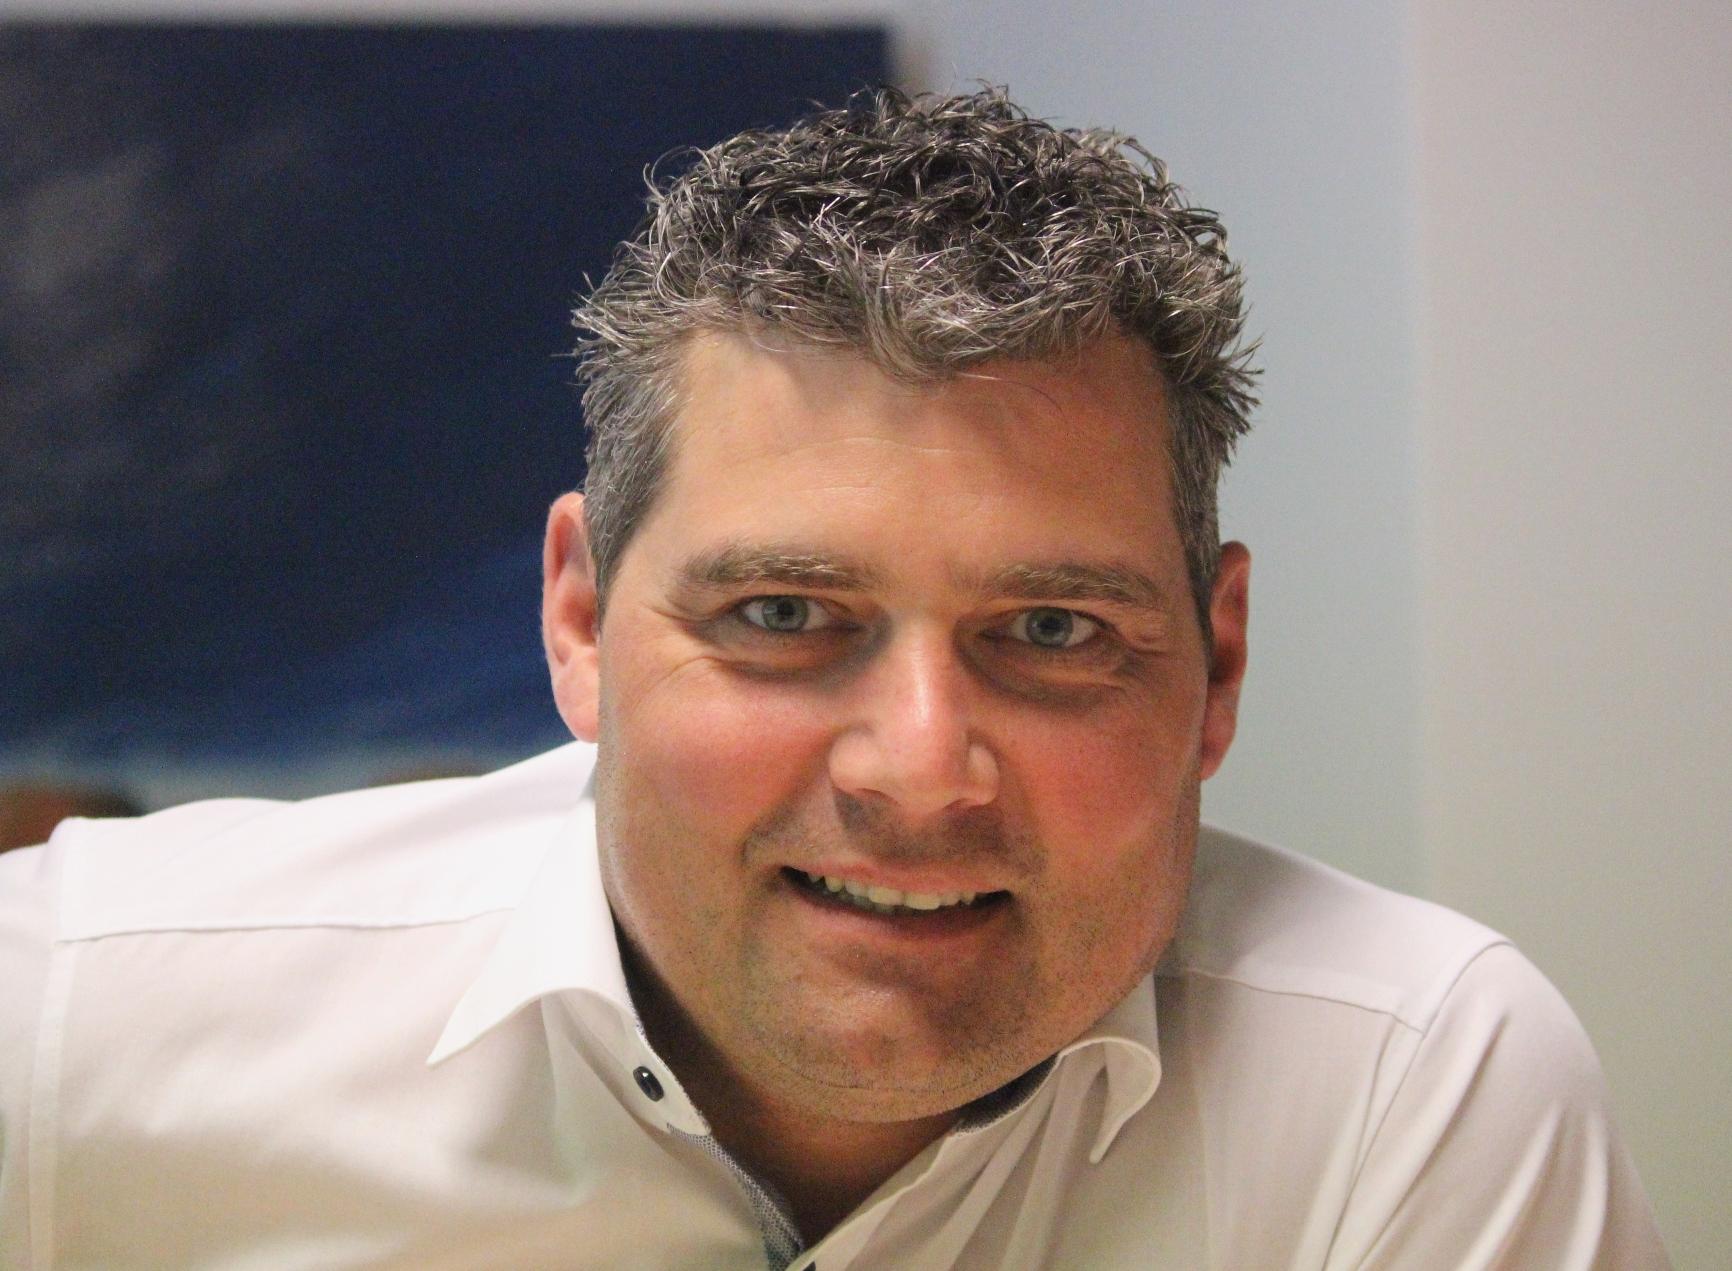 Andreas Holz, Präsident, praesident@funkenrotweiss-nwd.de